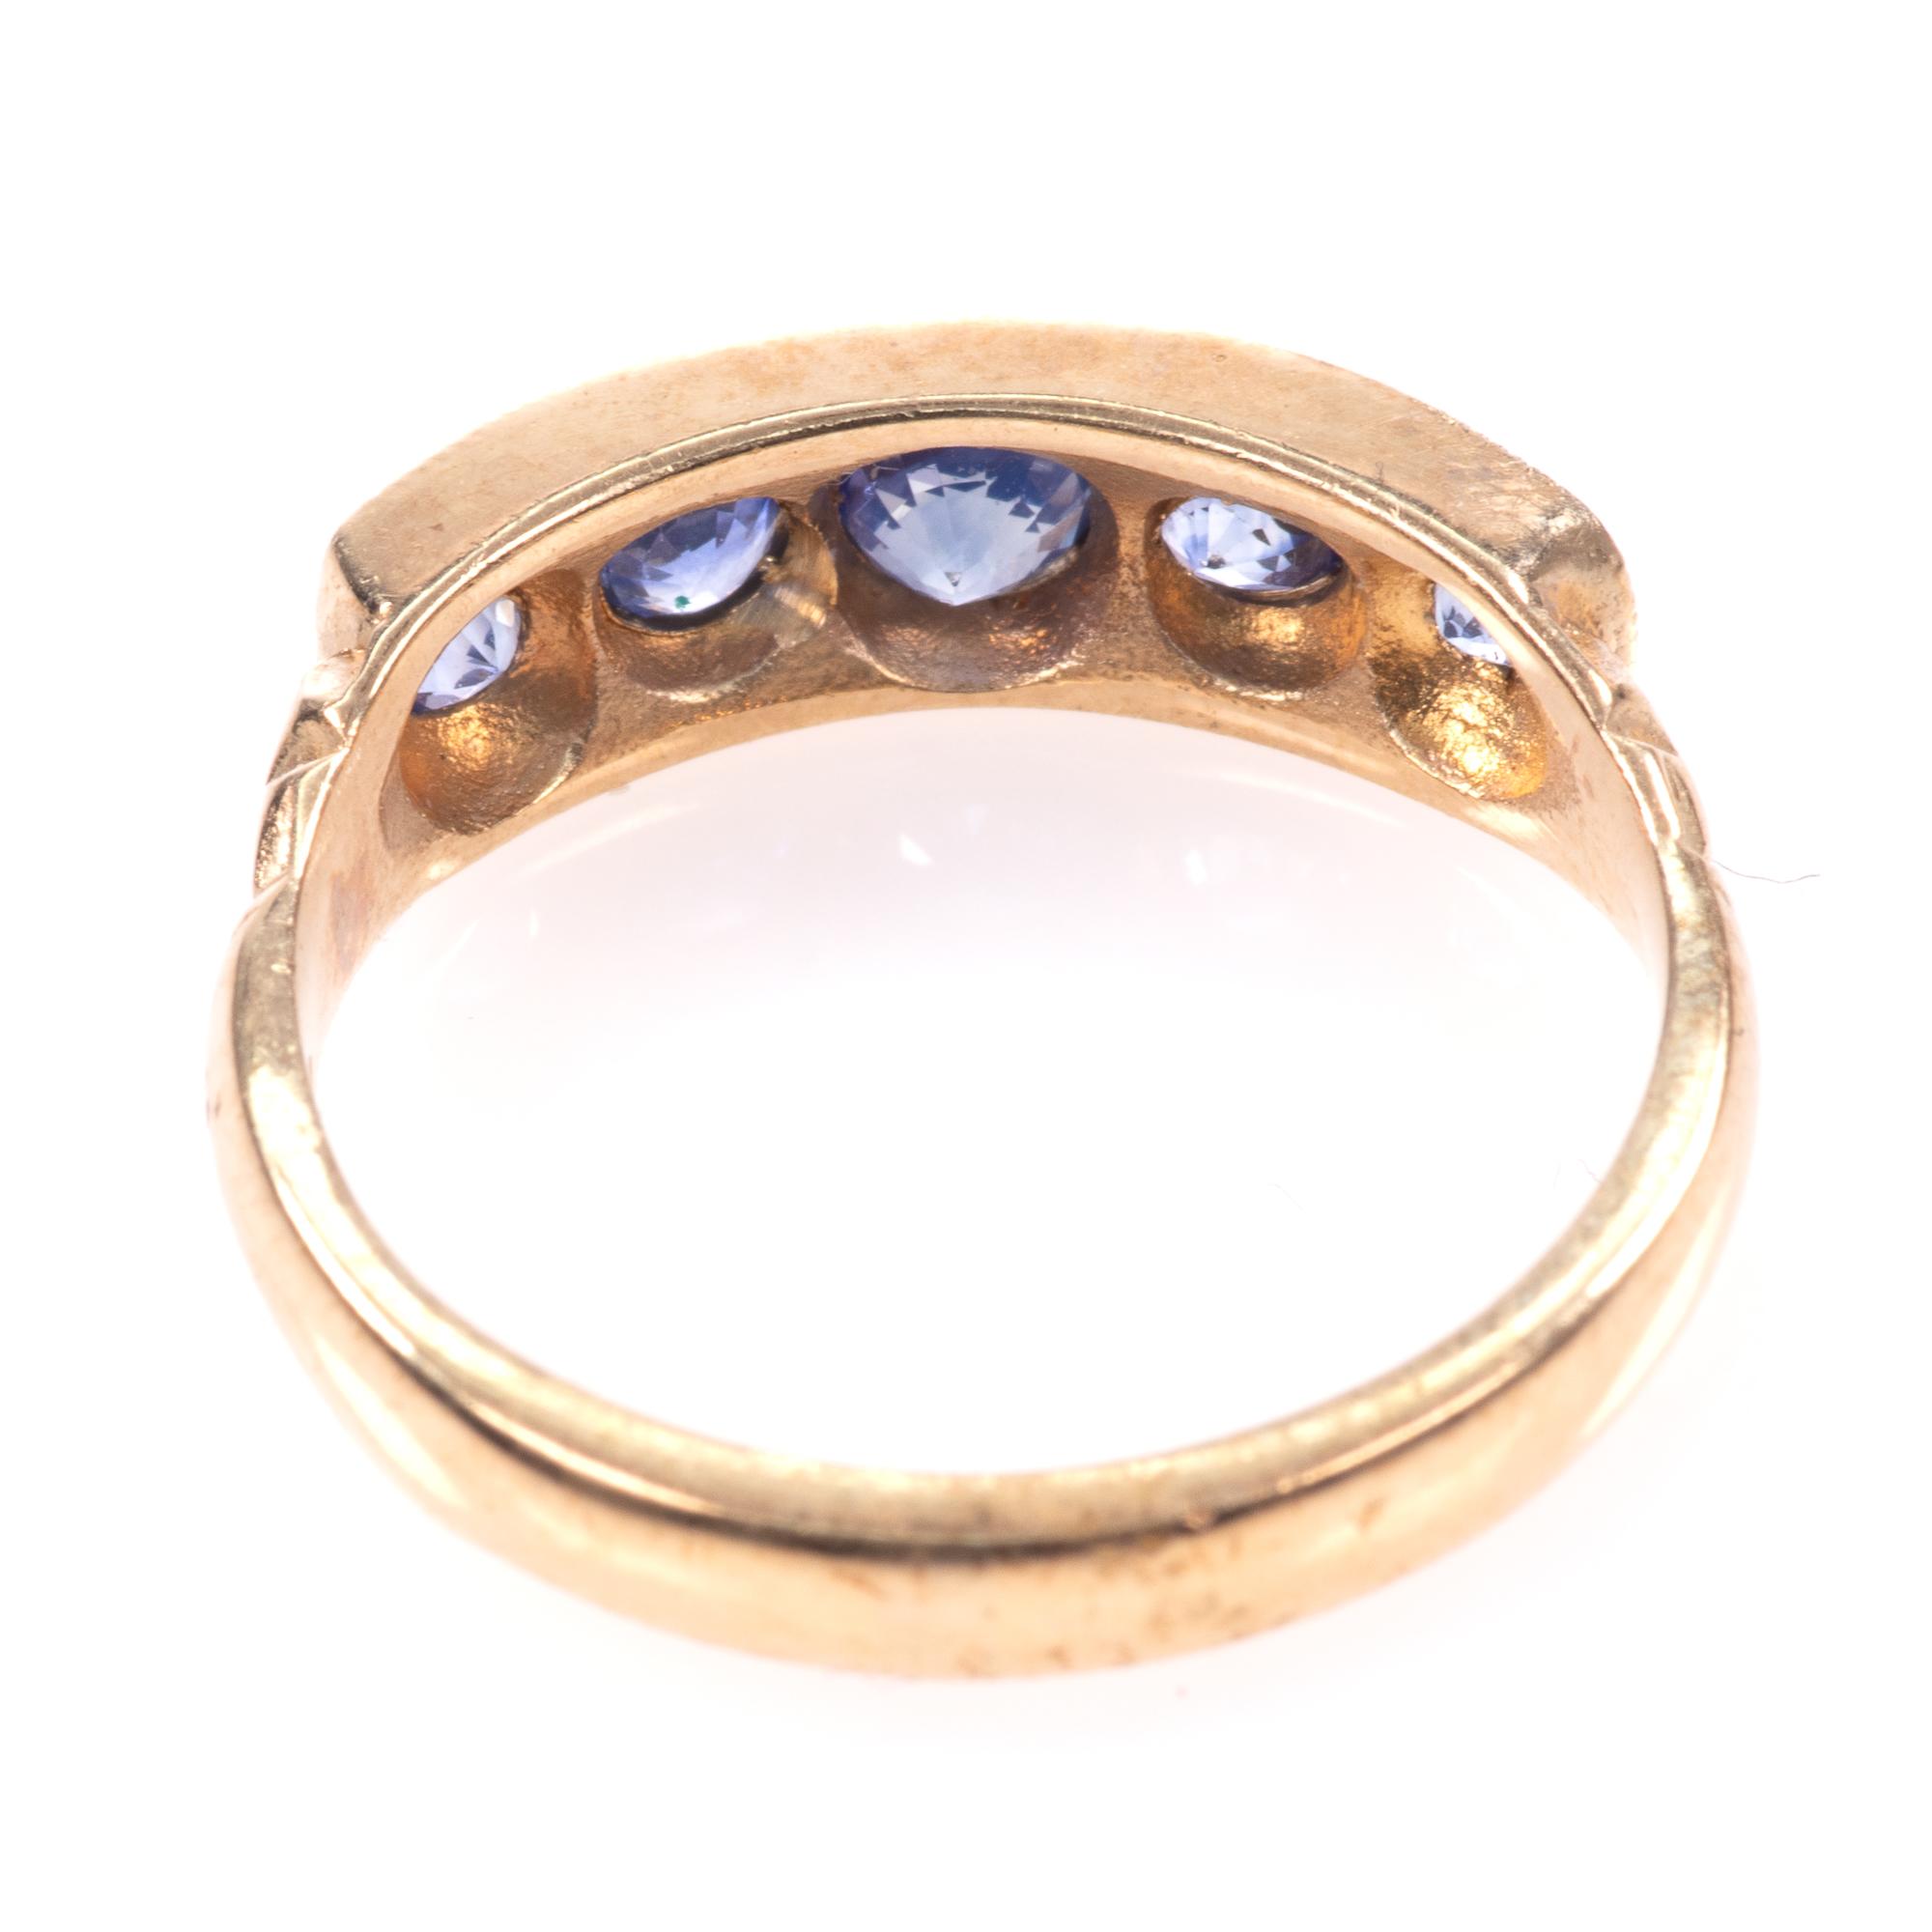 9ct Gold Aquamarine Ring - Image 5 of 8